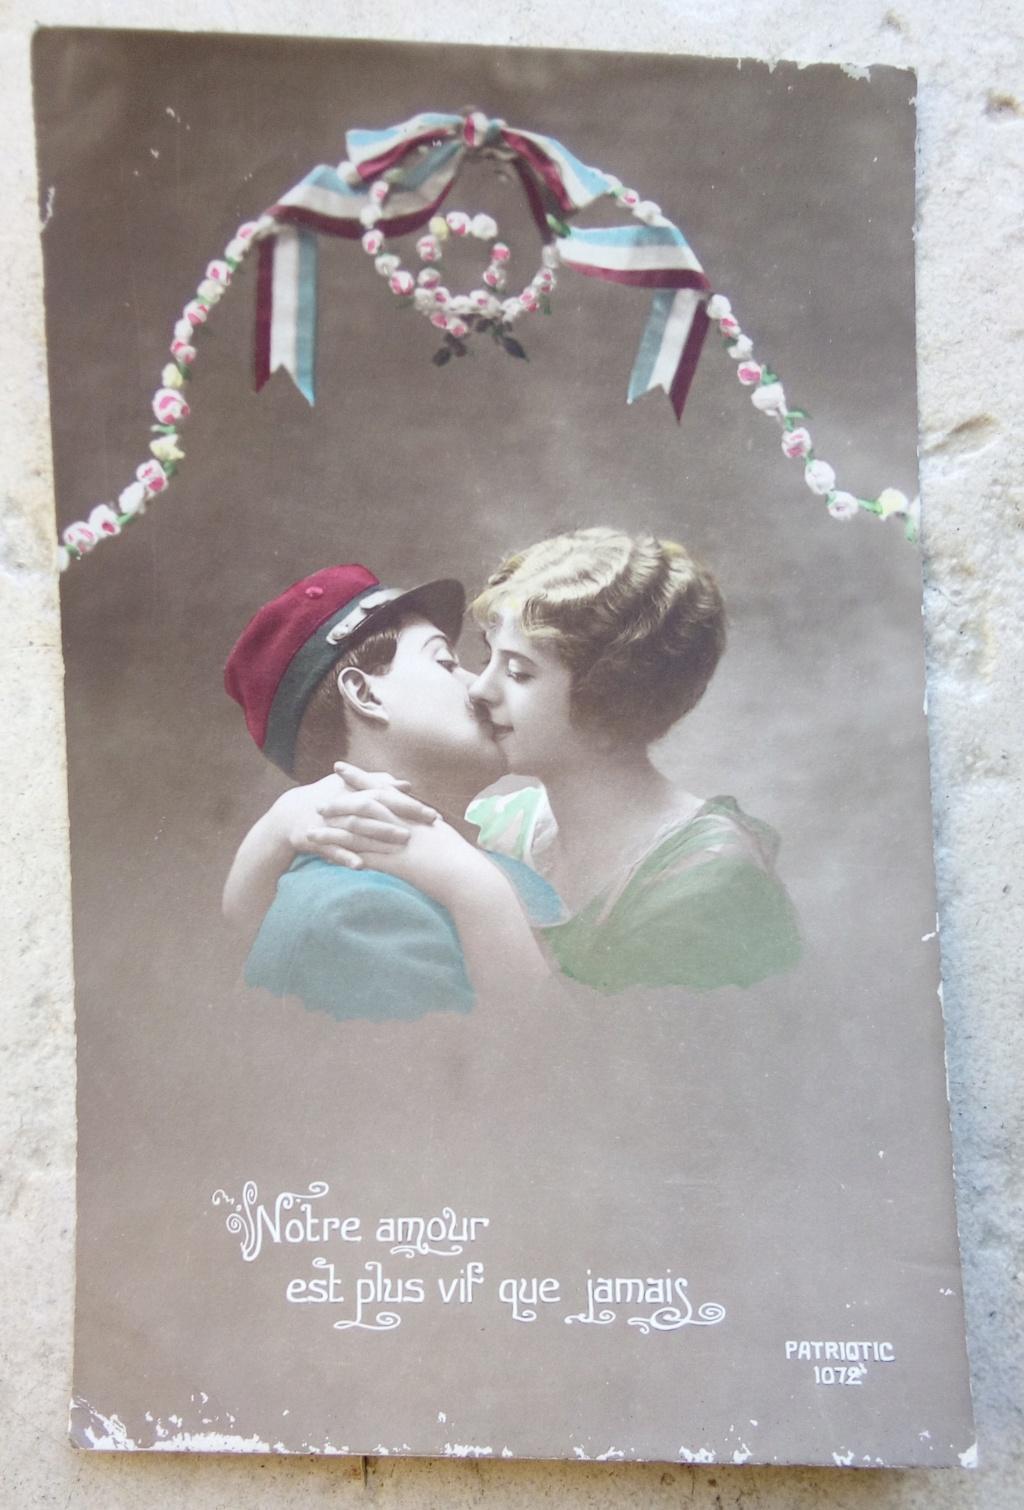 Cartes postales patriotiques françaises de la Grande Guerre - recensement - Page 2 Img_2811